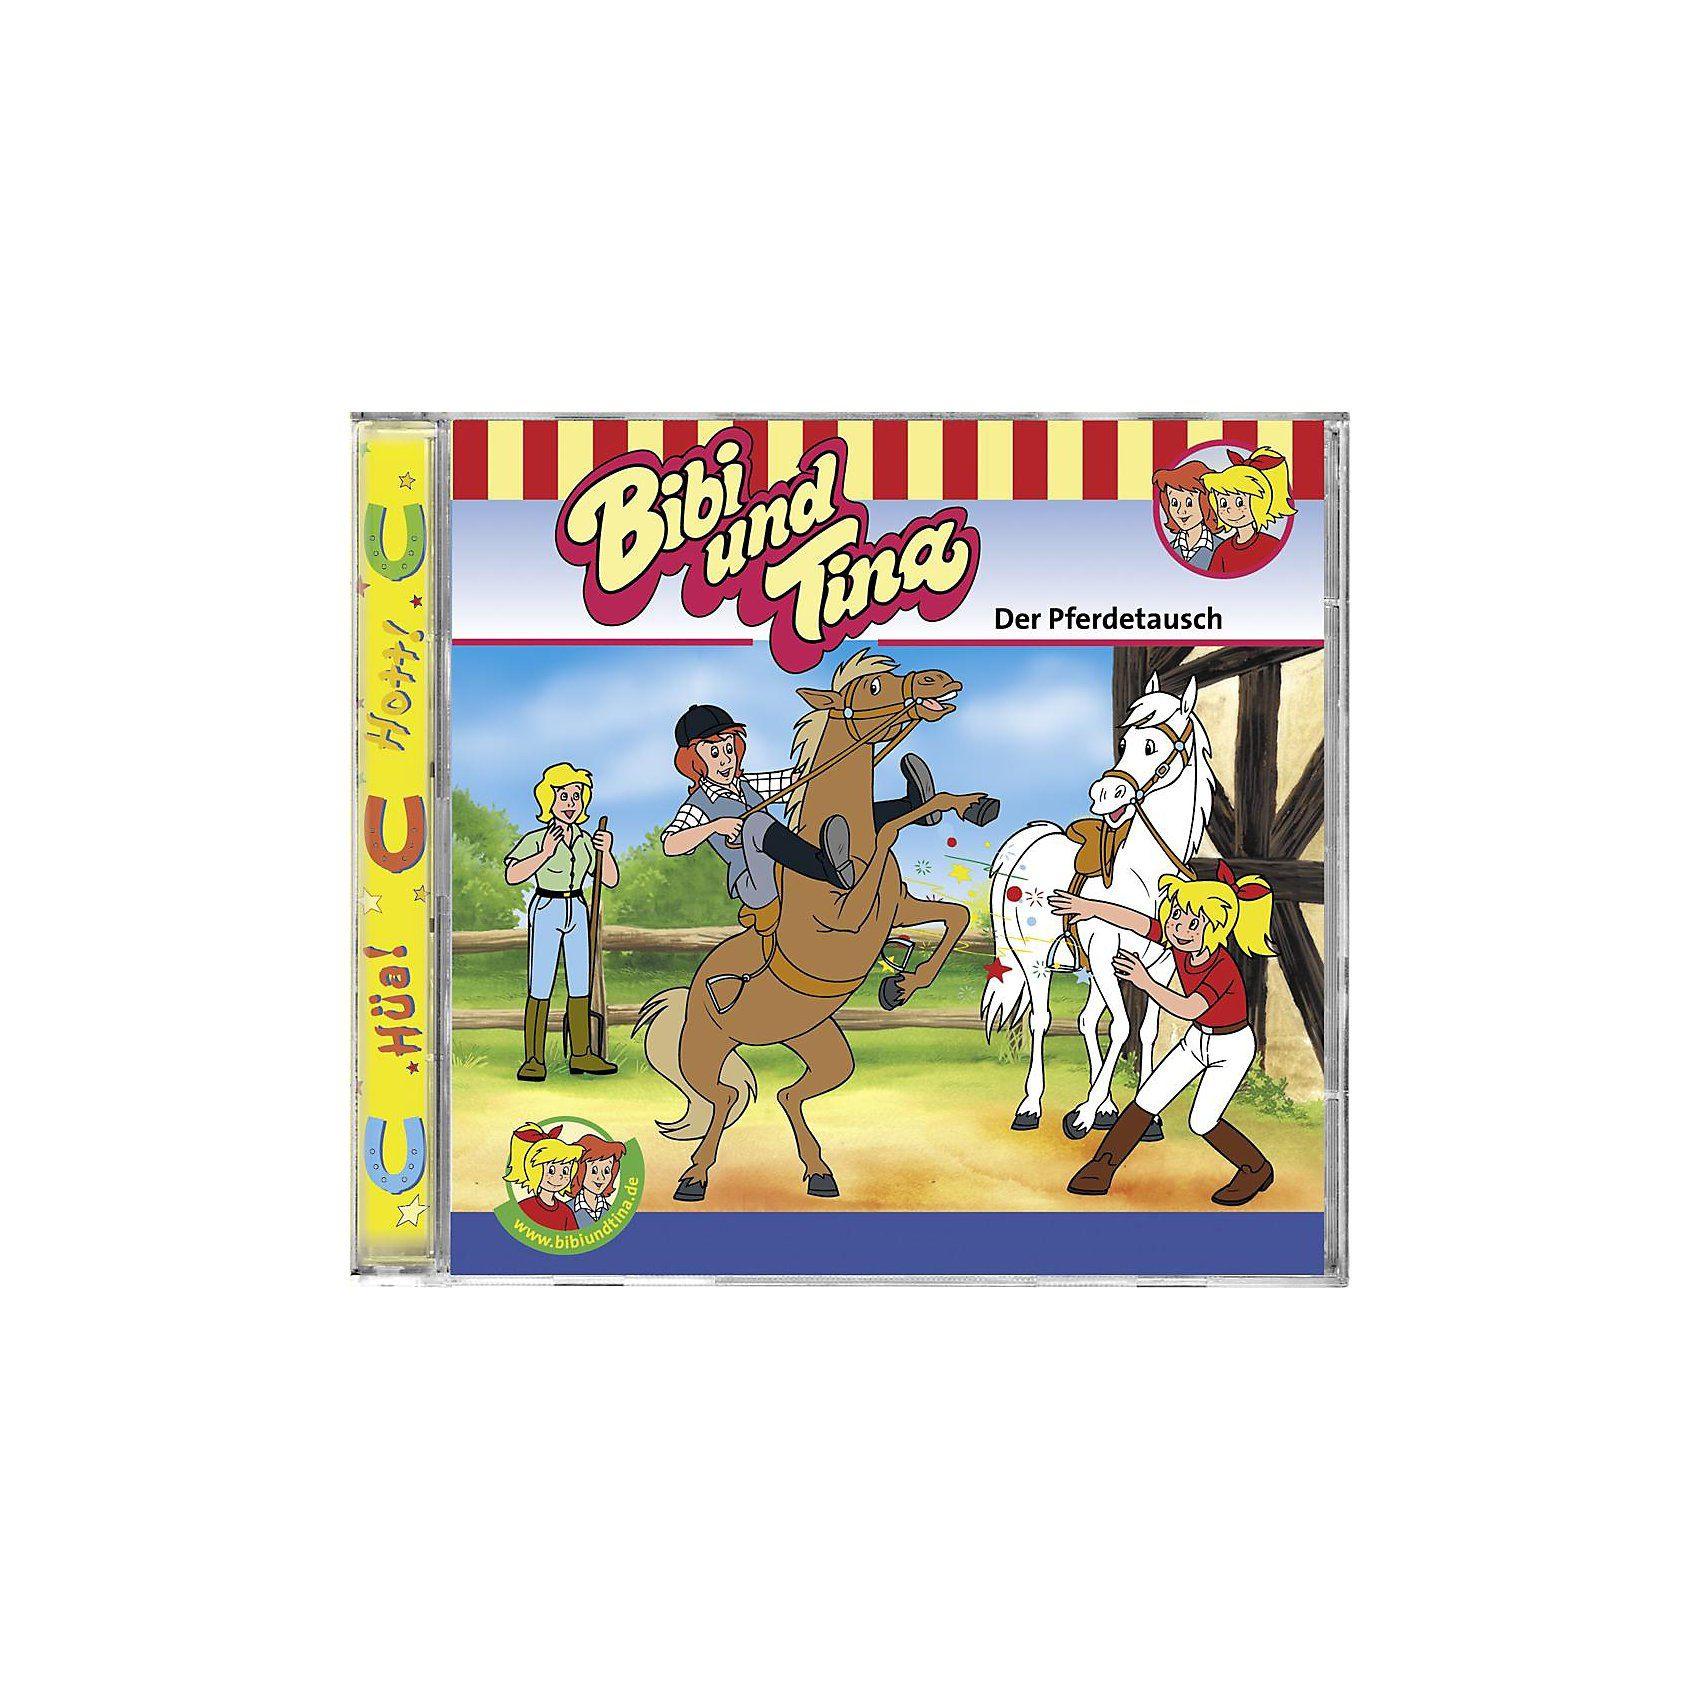 Kiddinx CD Bibi & Tina 37 - Der Pferdetausch